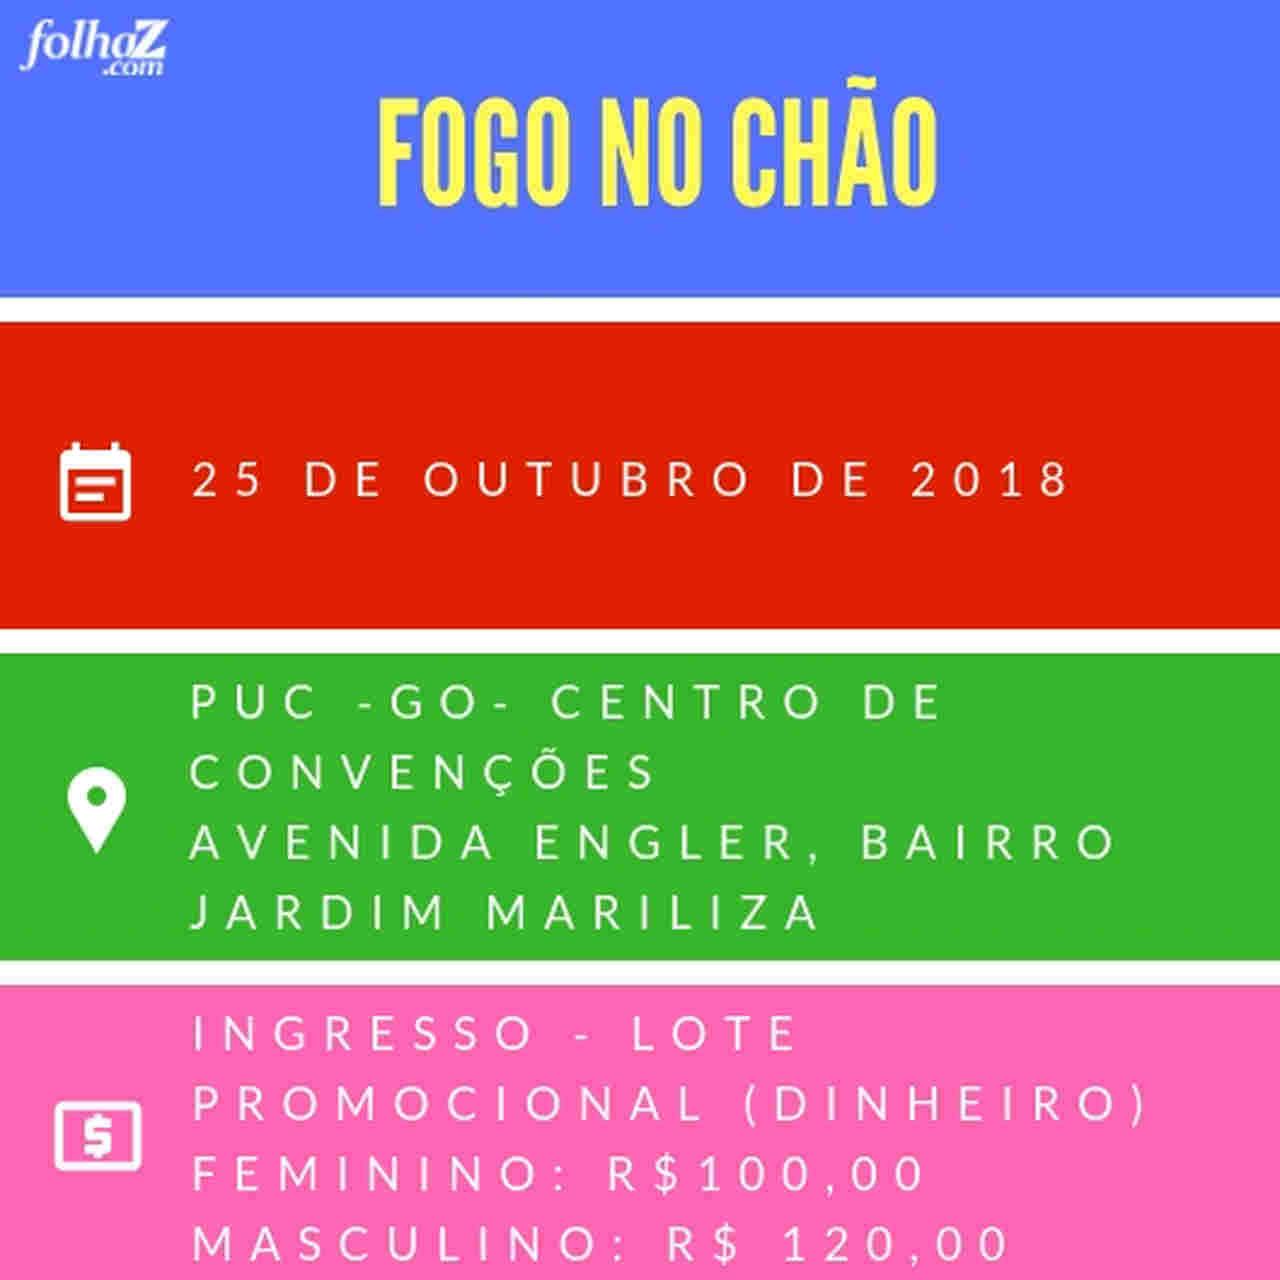 Fogo de Chão traz nomes famosos do mundo sertanejo | Foto: Reprodução